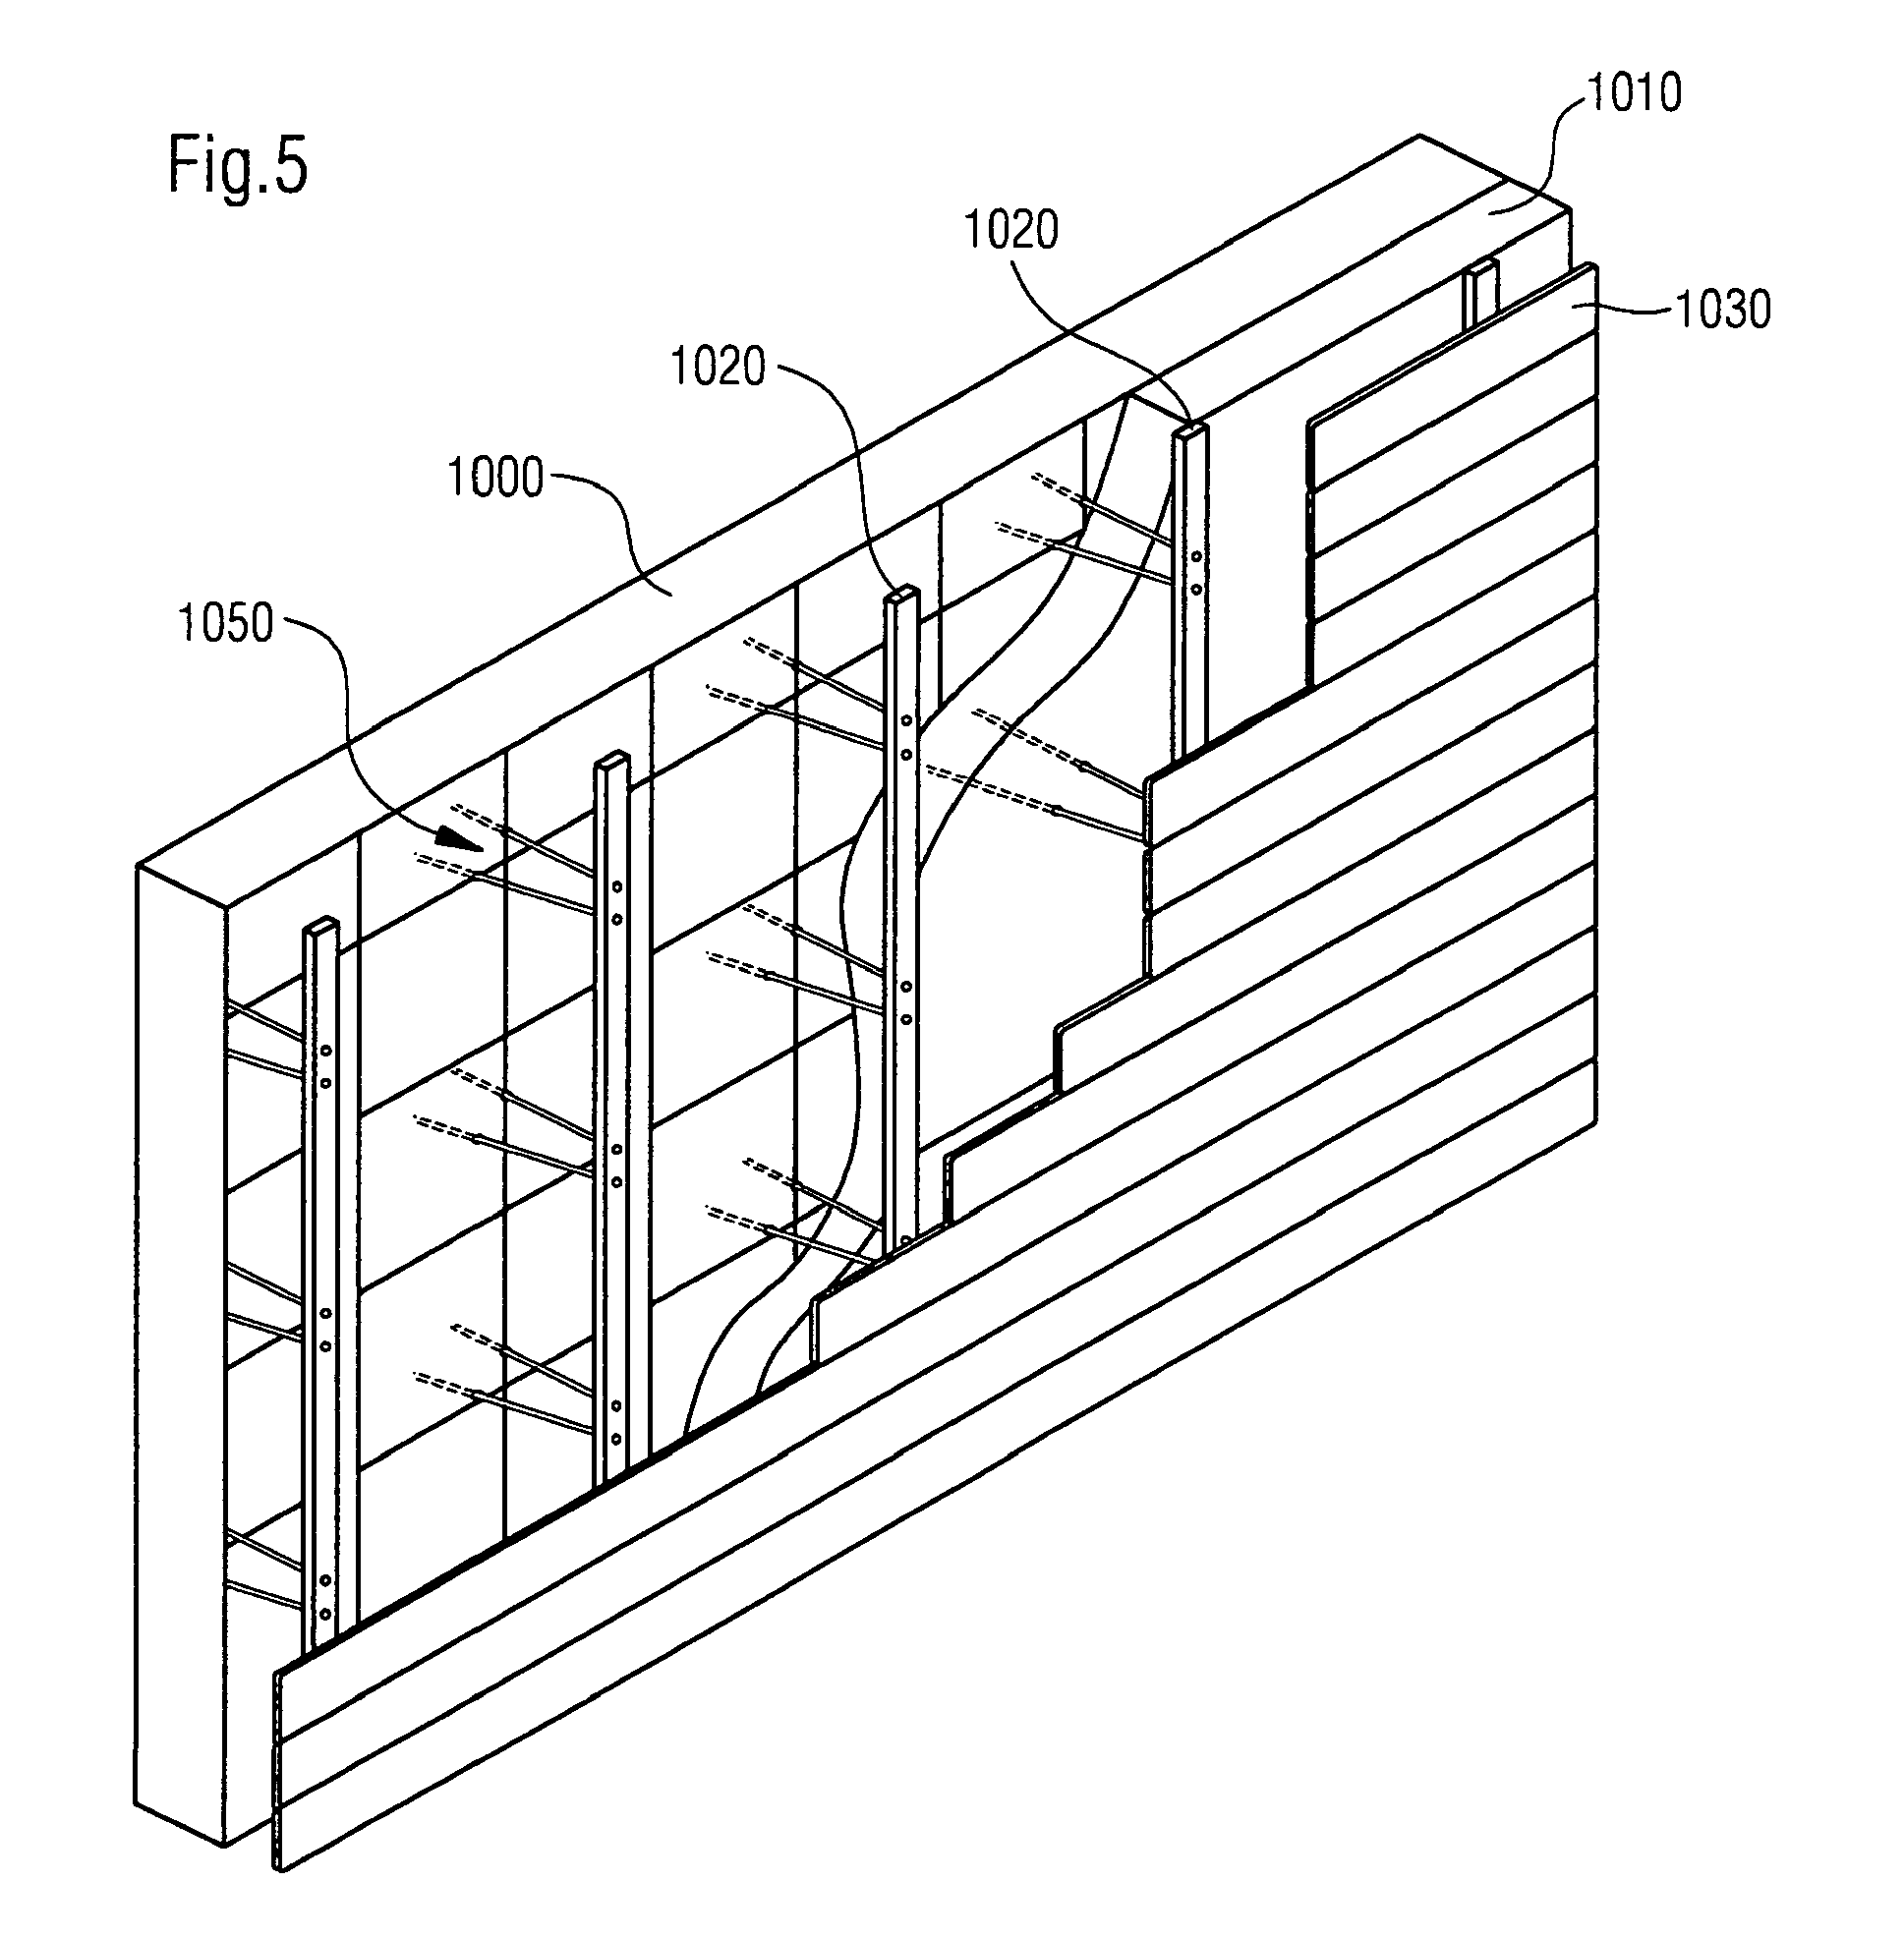 Abstand Kochinsel Zu Küchenzeile ~ patent ep2182125a2 verfahren zum befestigen von bauelementen in einem abstand zu einem bauteil